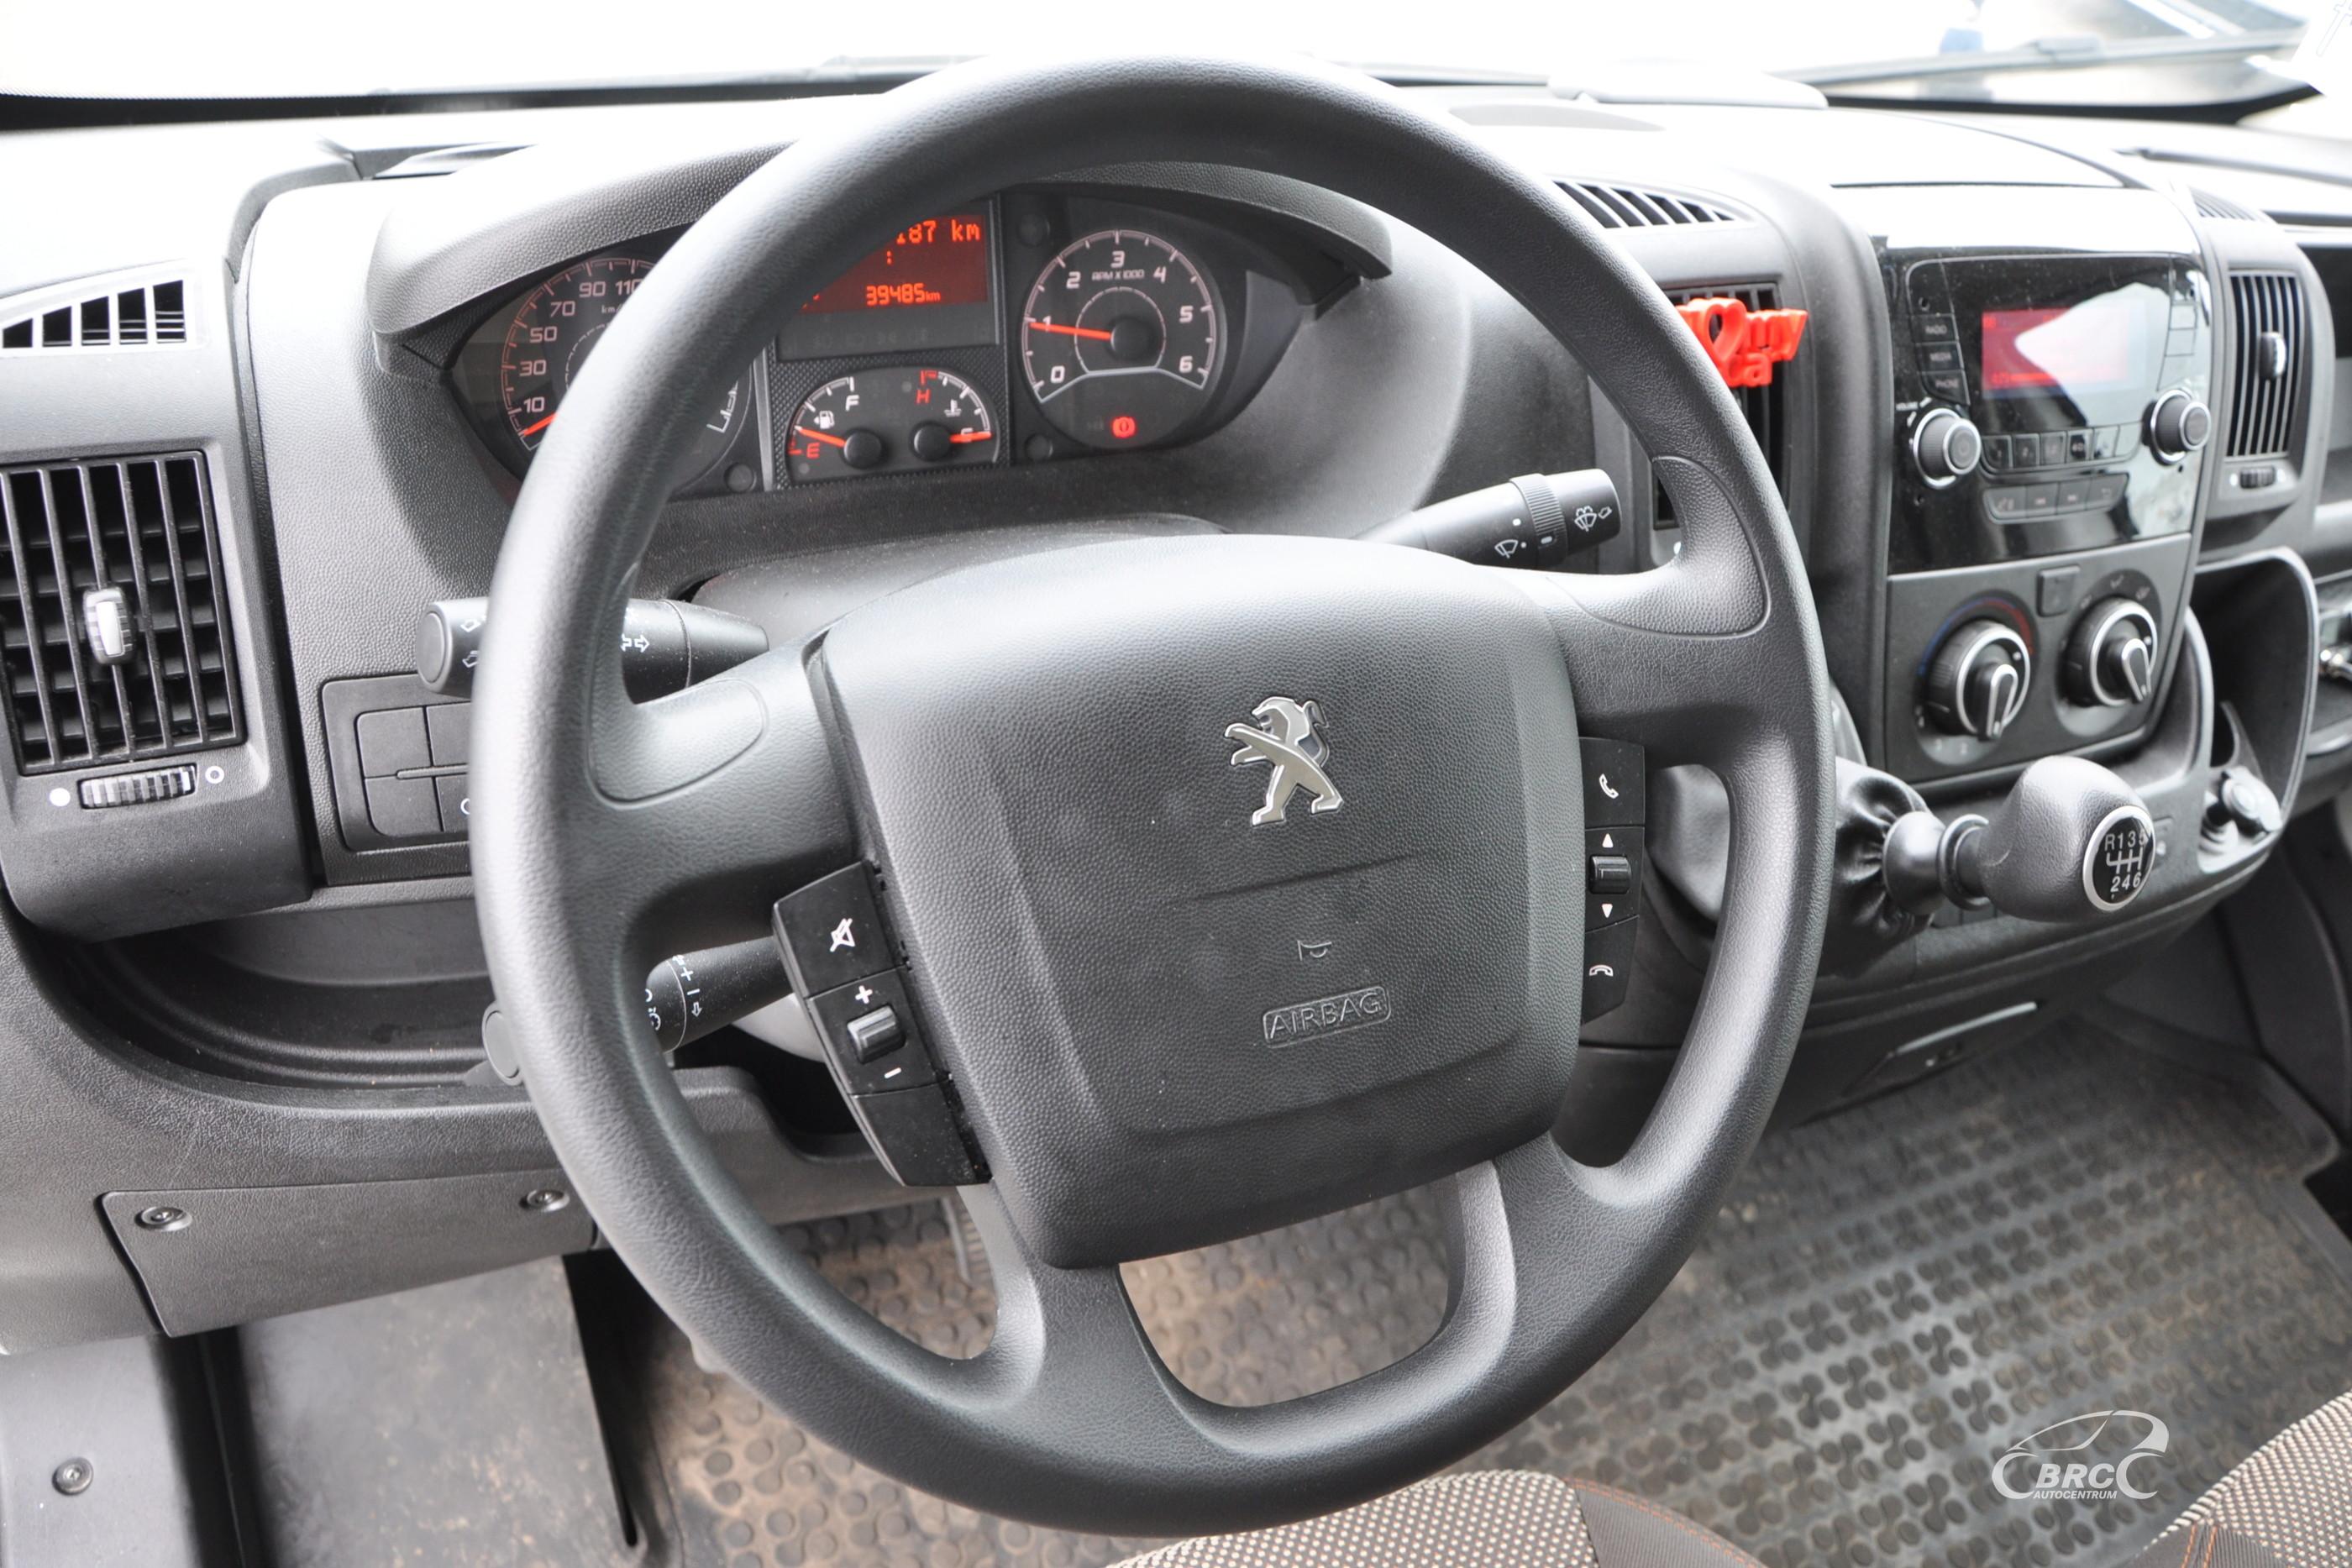 Peugeot Boxer 2.0 HDI